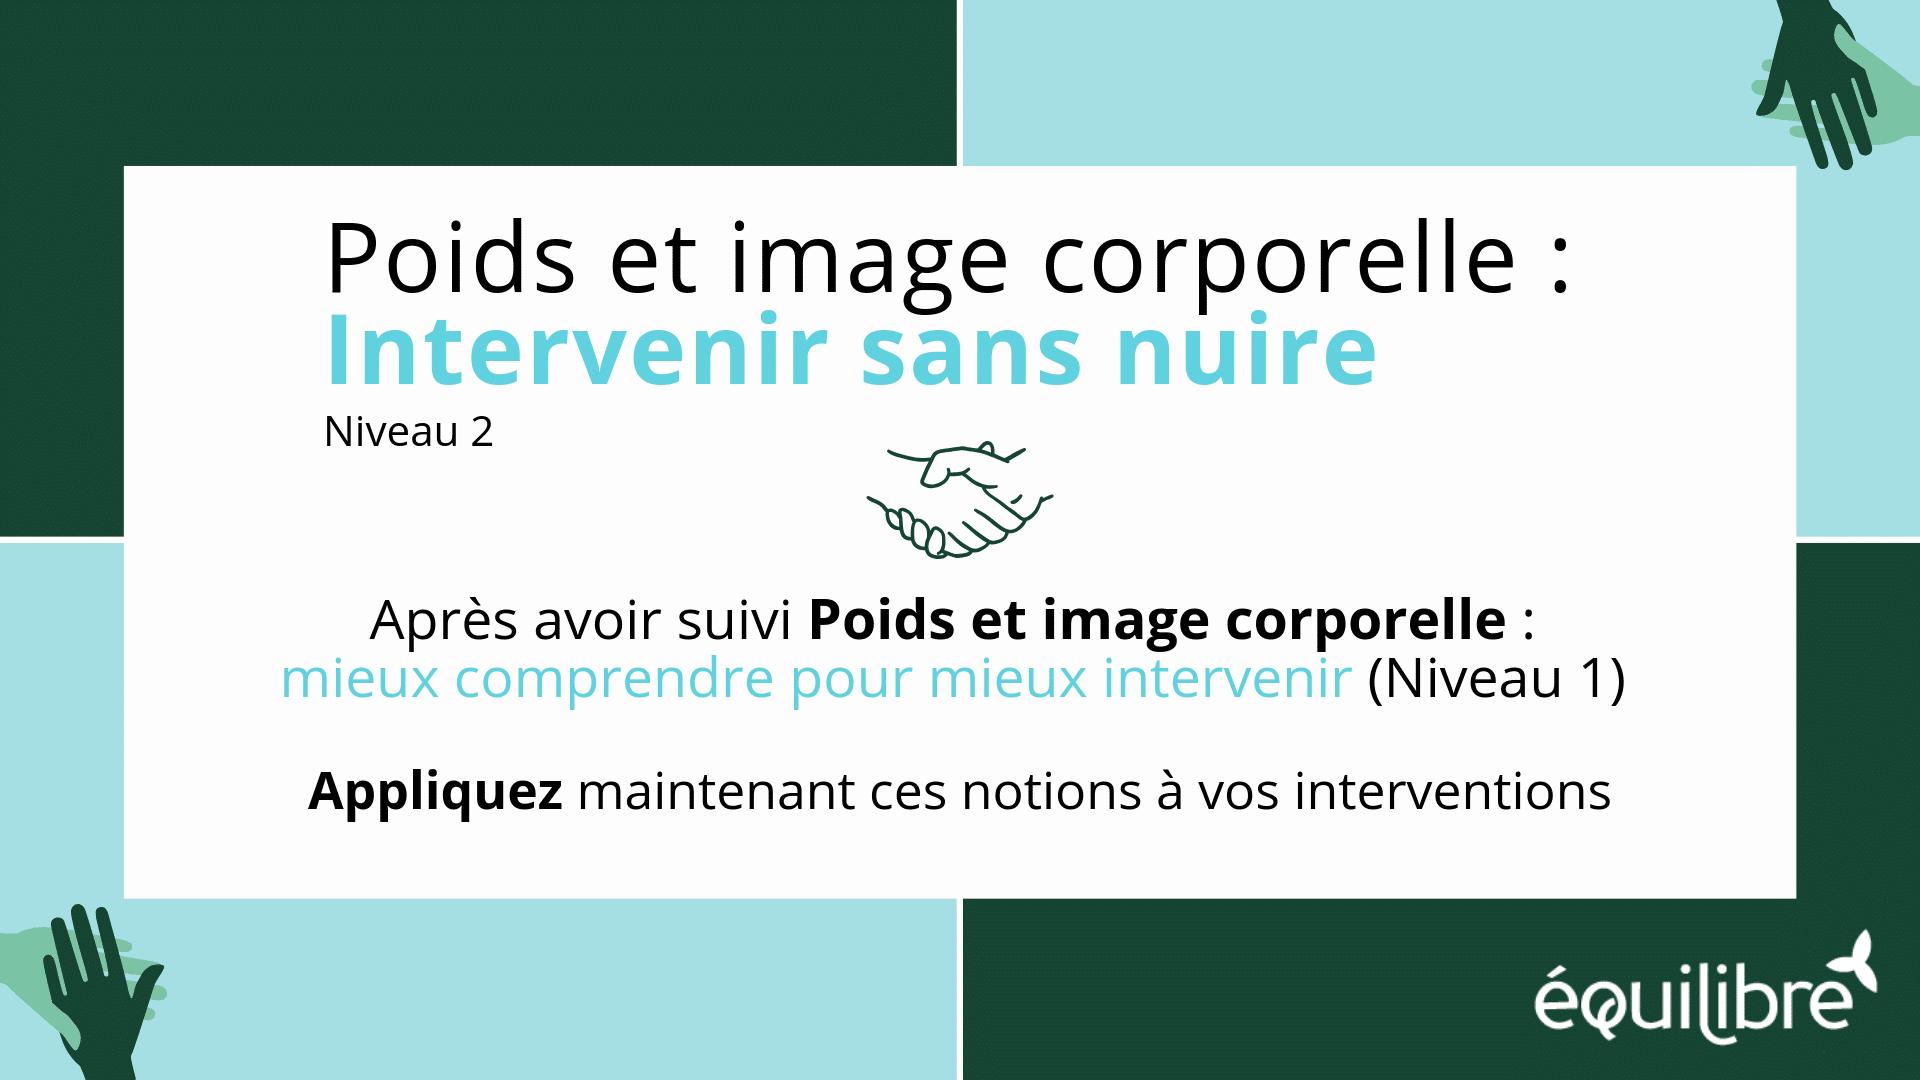 https://equilibre.ca/wp-content/uploads/2019/09/Pois-et-image-corporelle-intervenir-sans-nuire-niveau-2-4.png